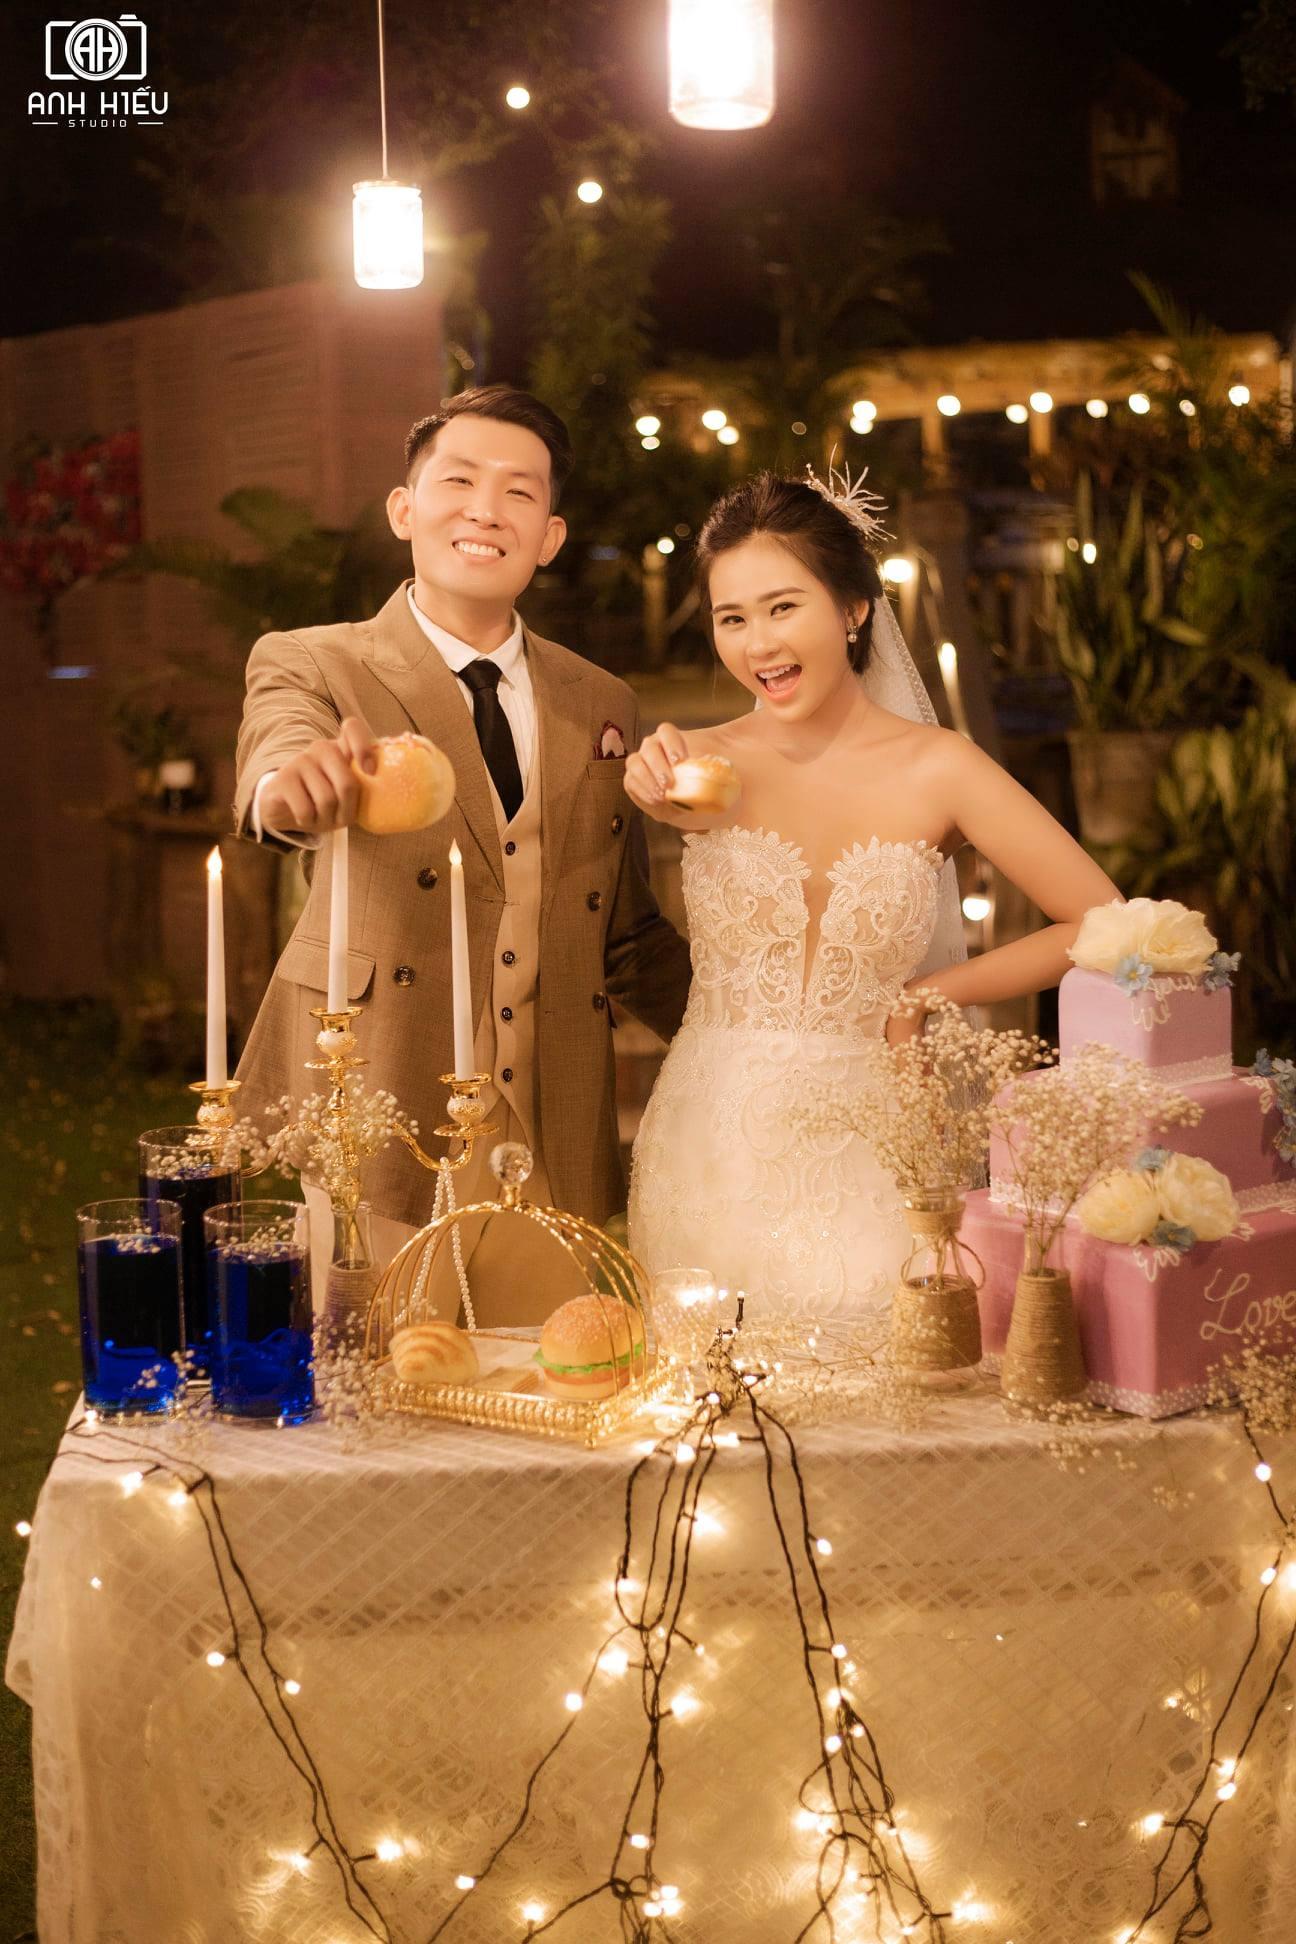 Hinh Cuoi Phim Truong Alibaba (6)